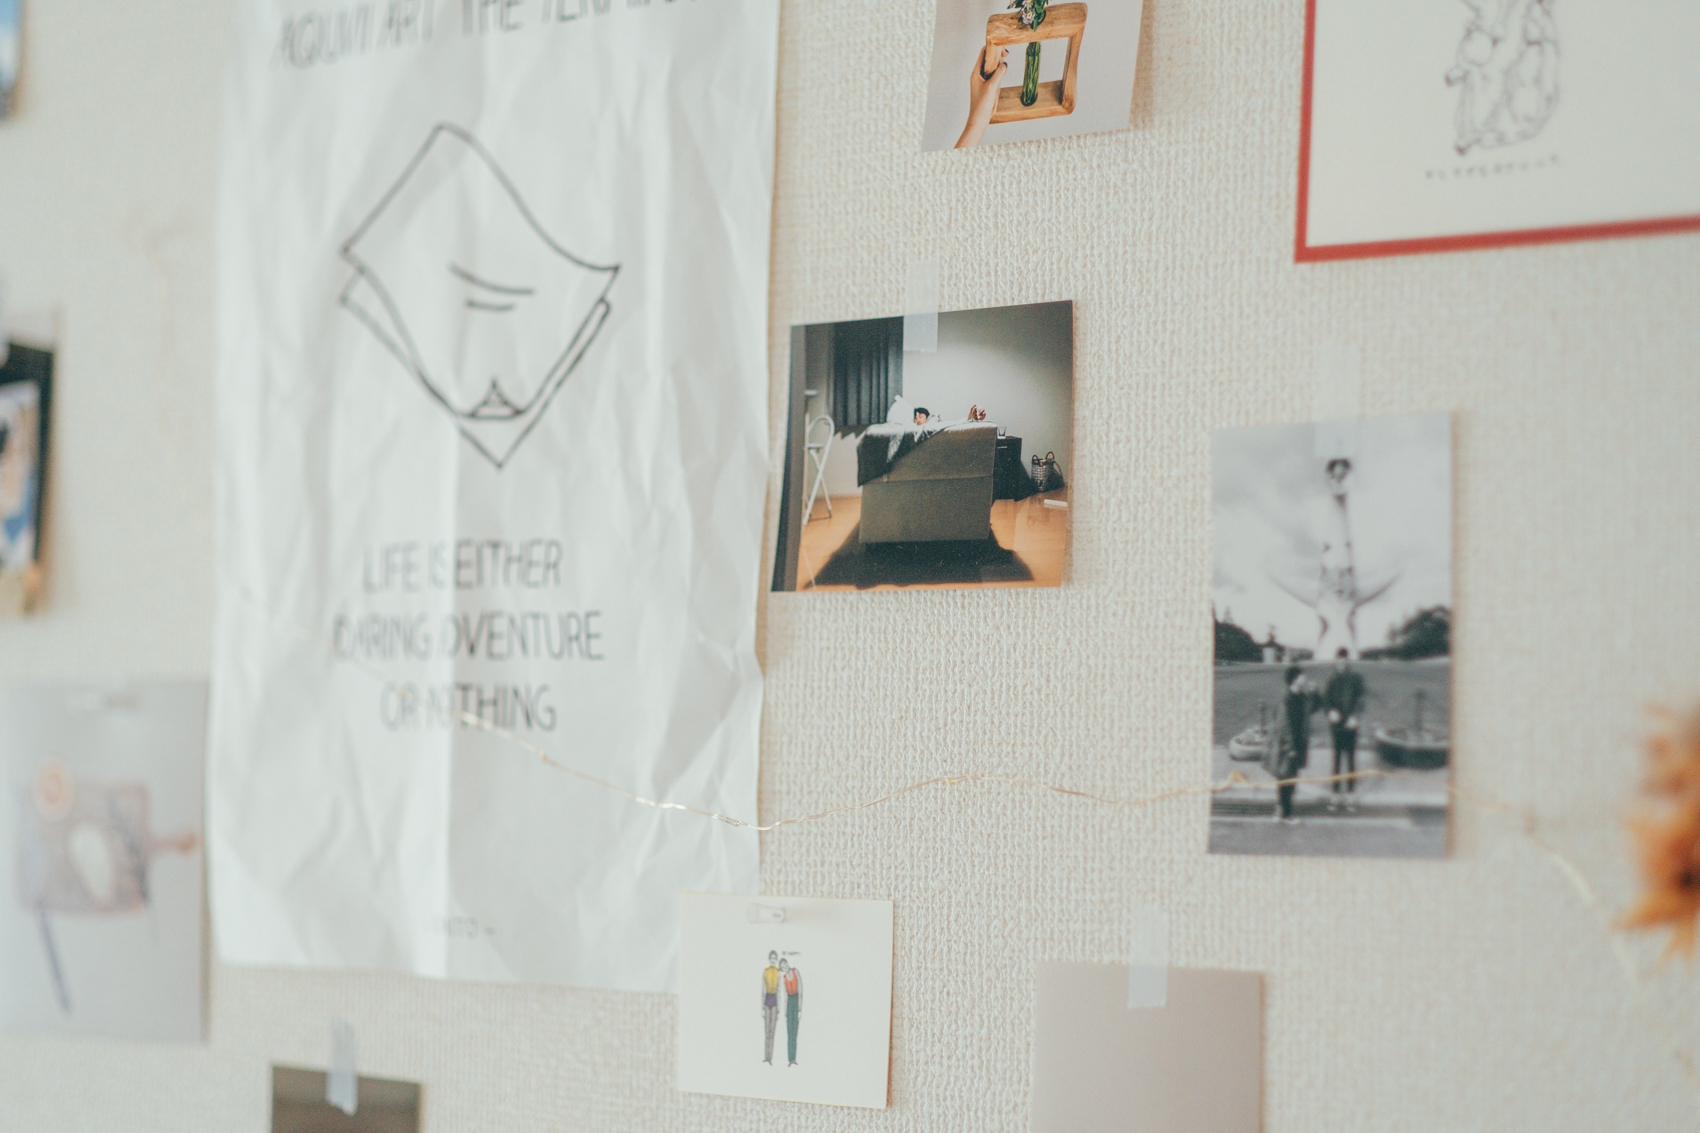 「旅行先での写真から家での何気ない風景まで、好きな紙ものと合わせて、その時の気分によって変えています。ただ部屋が騒がしくならないようにバランスは意識していますね。」